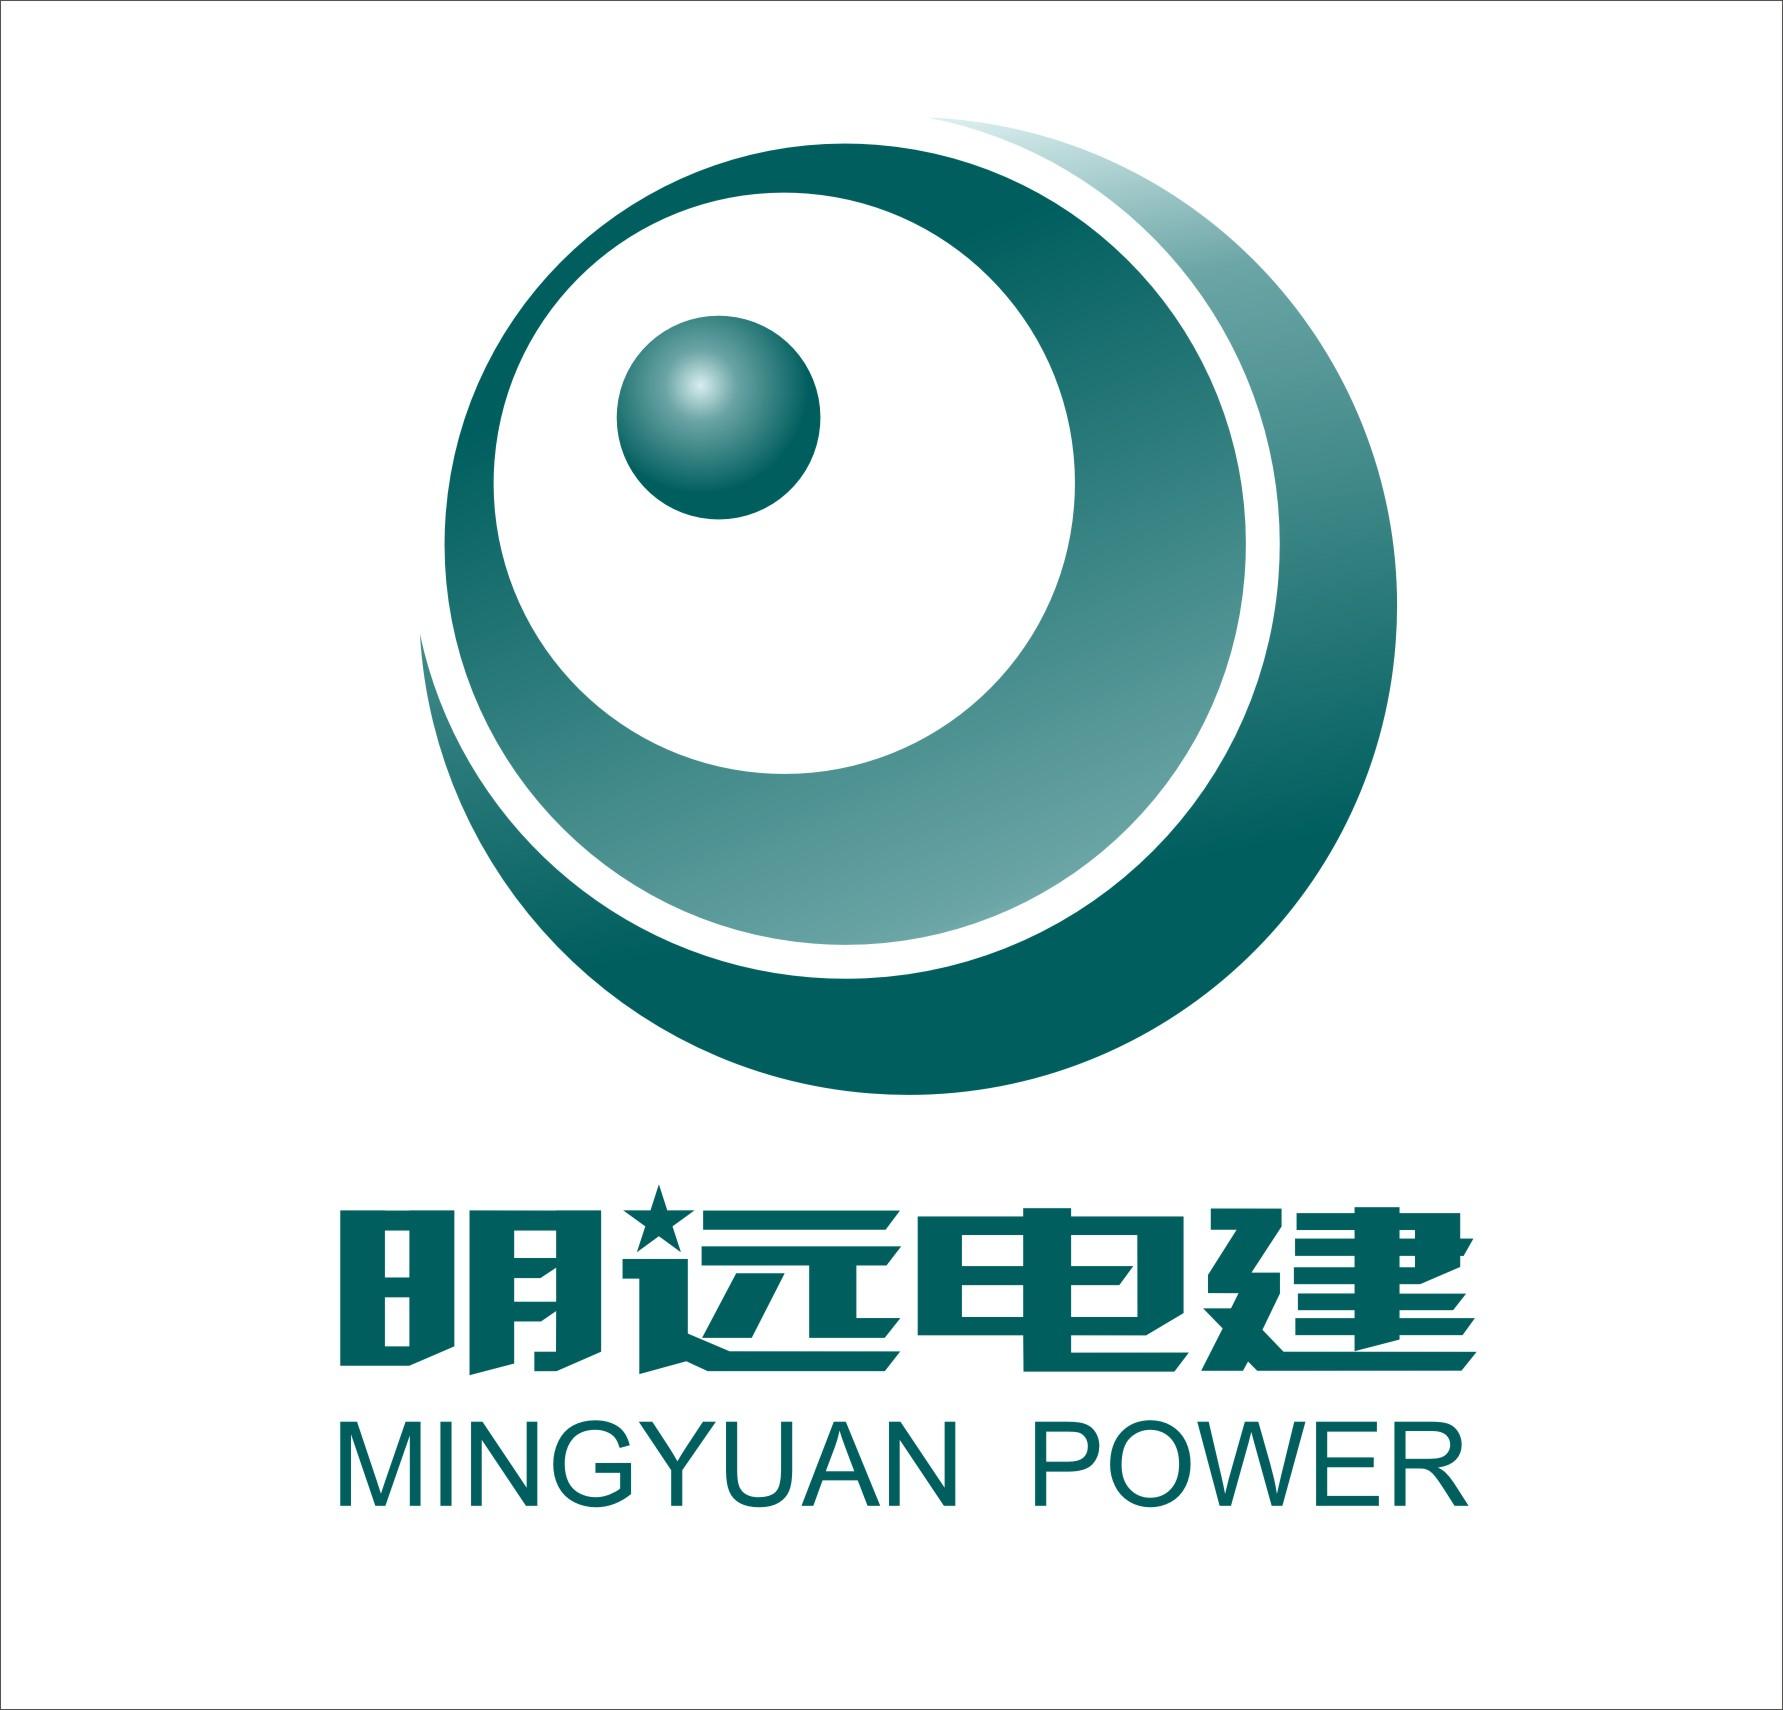 四川省明远电力建设工程有限公司